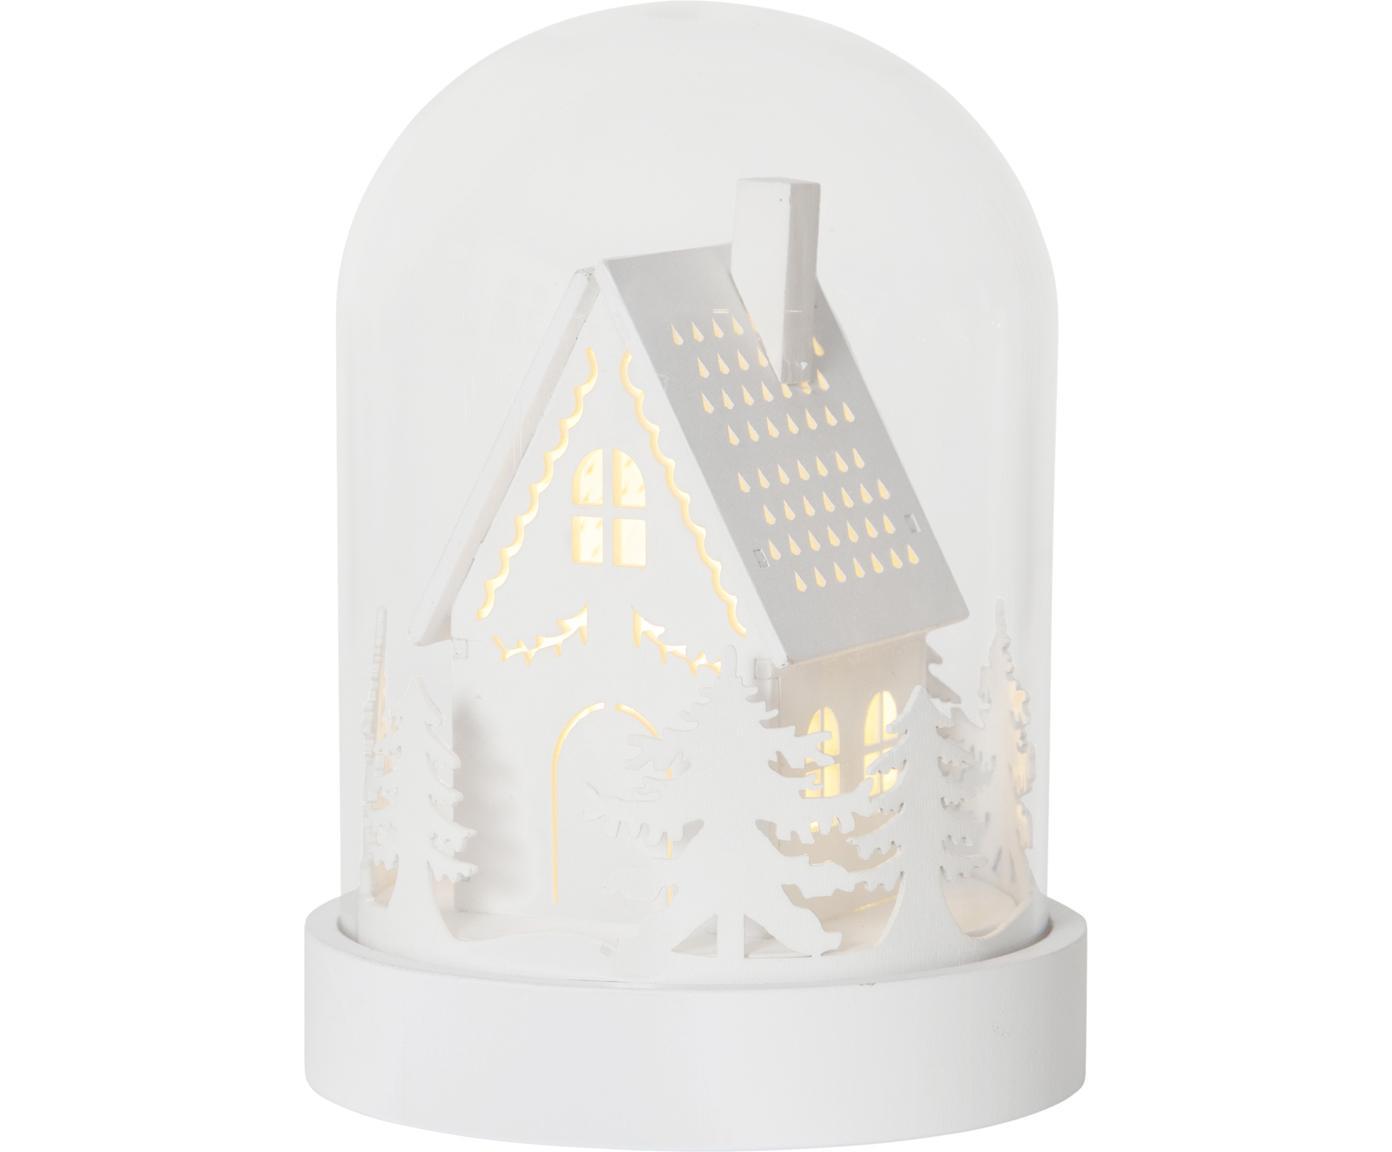 Oggetto luminoso a LED a batteria House, Pannello di fibra a media densità (MDF), materiale sintetico, vetro, Bianco trasparente, Ø 13 x Alt. 18 cm